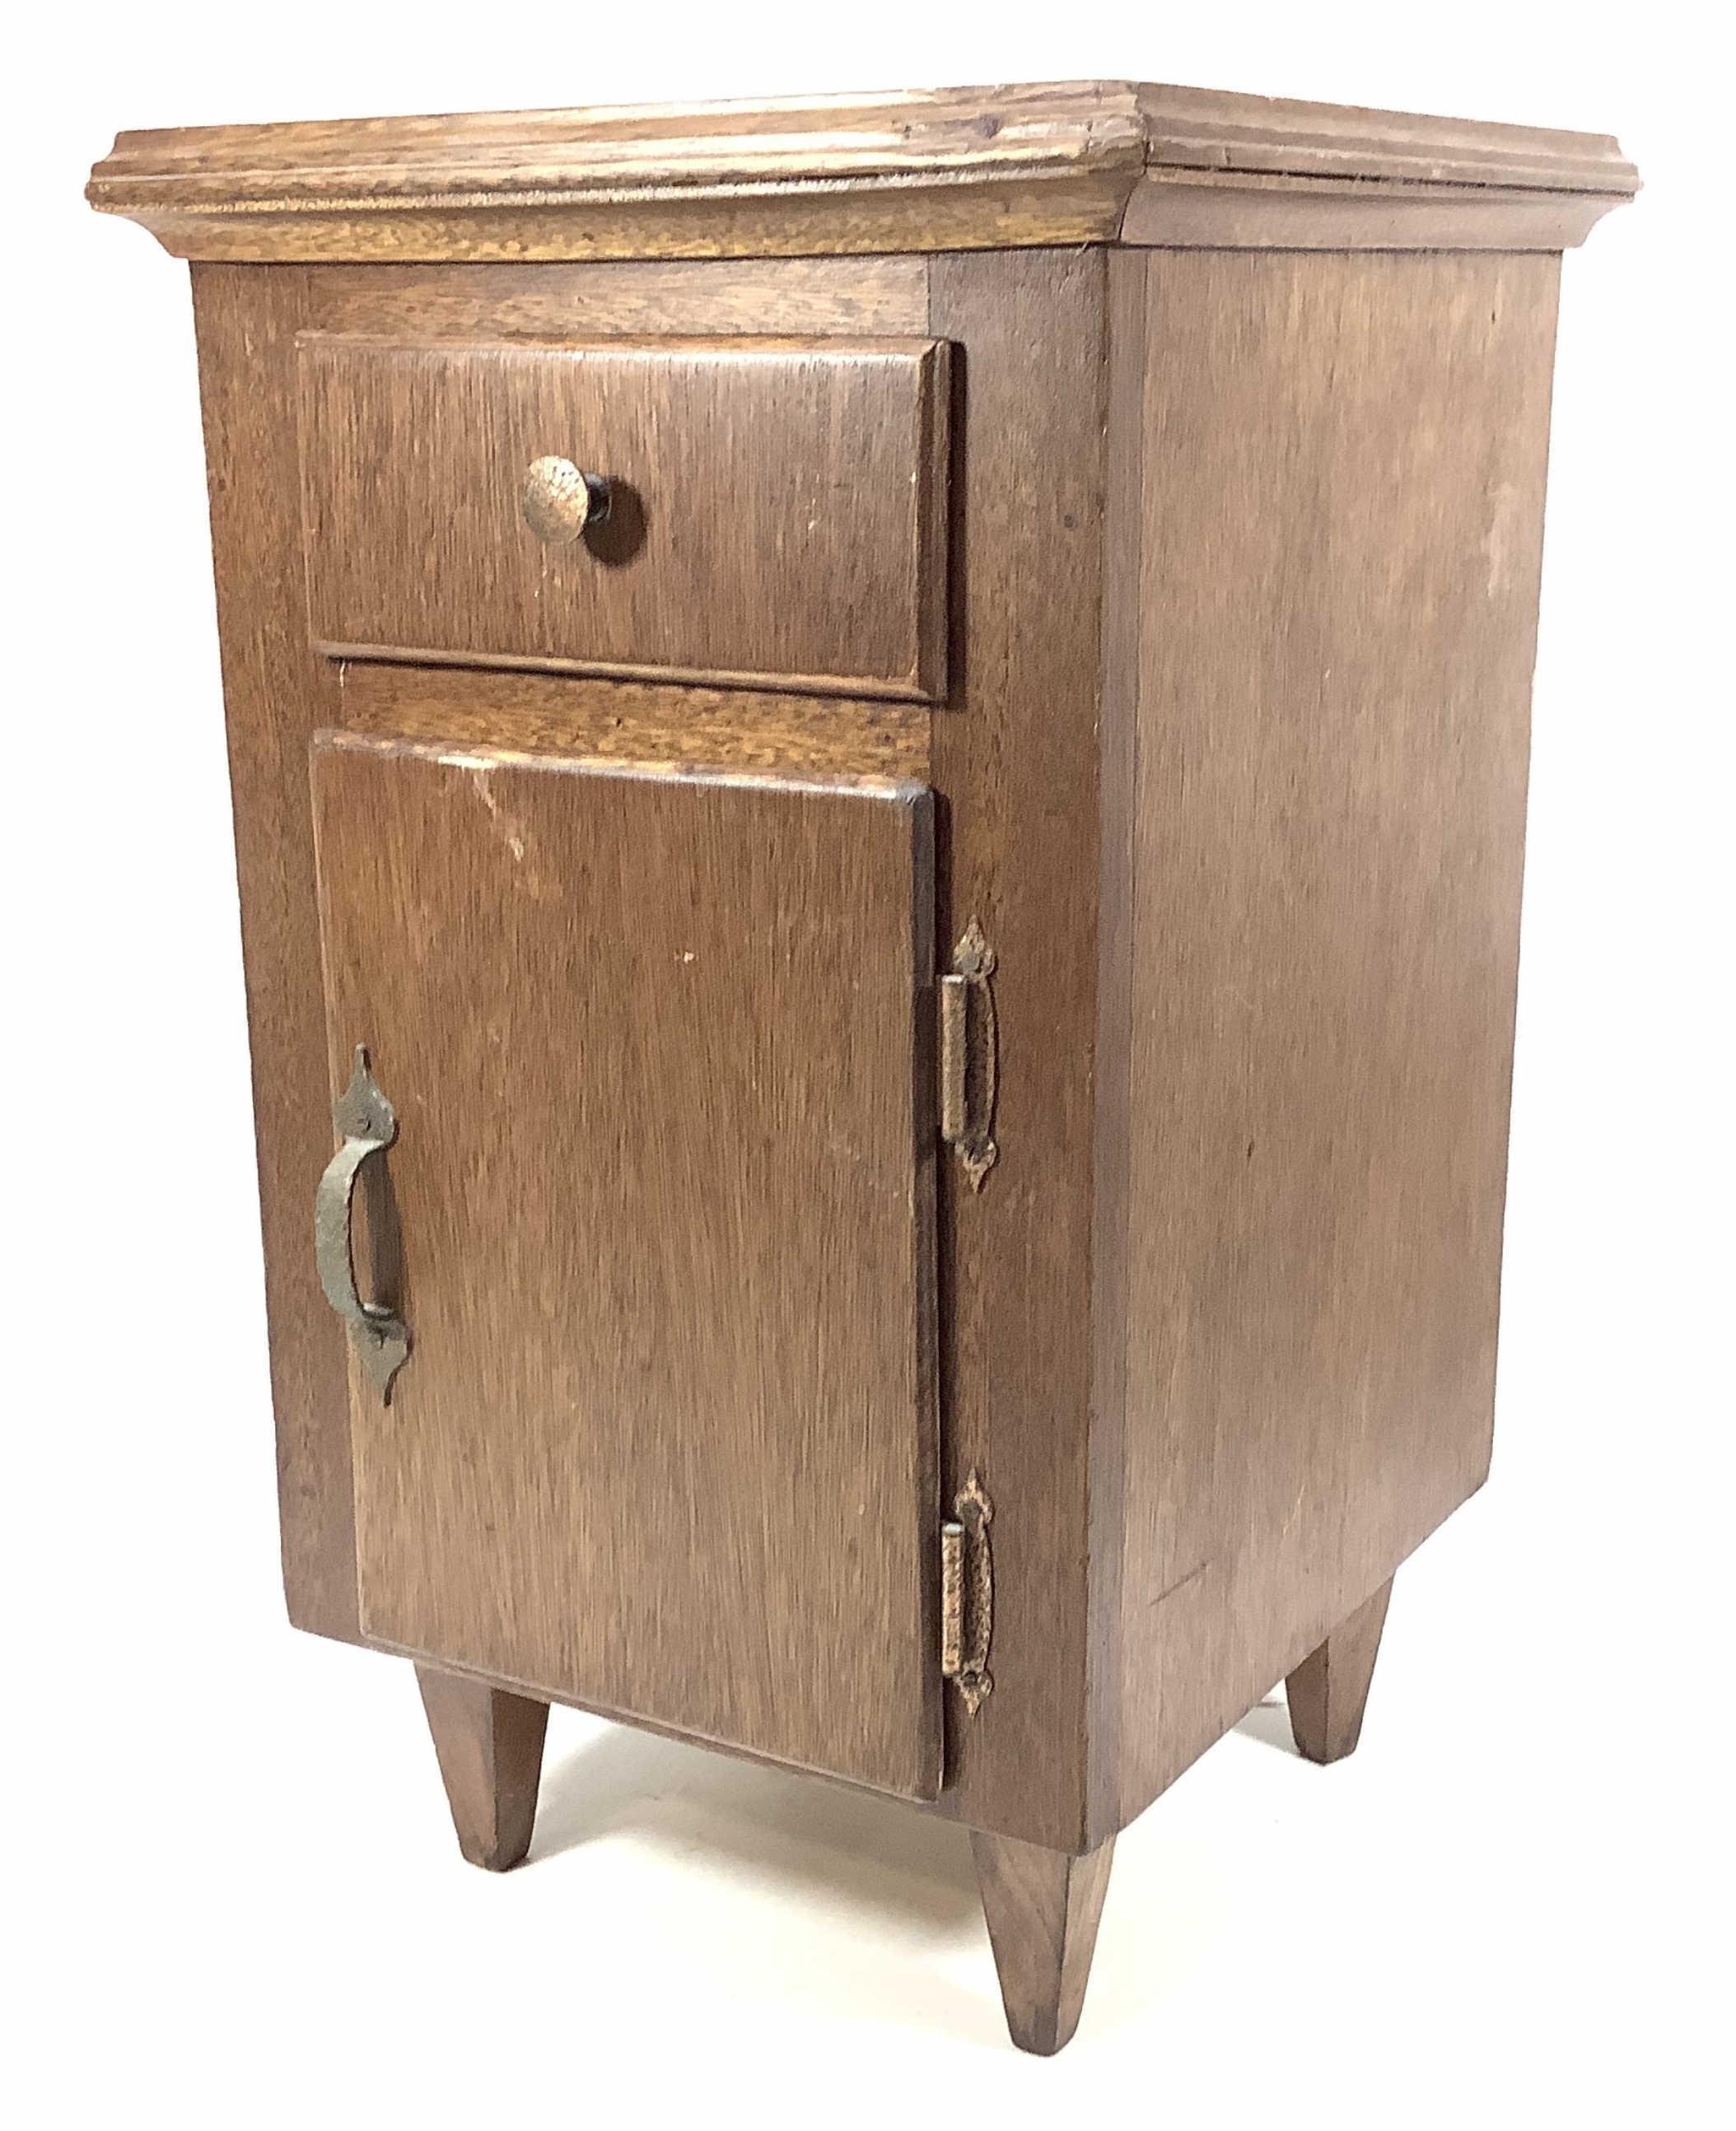 Freestanding Dark Fruitwood Nightstand Side Cabinet